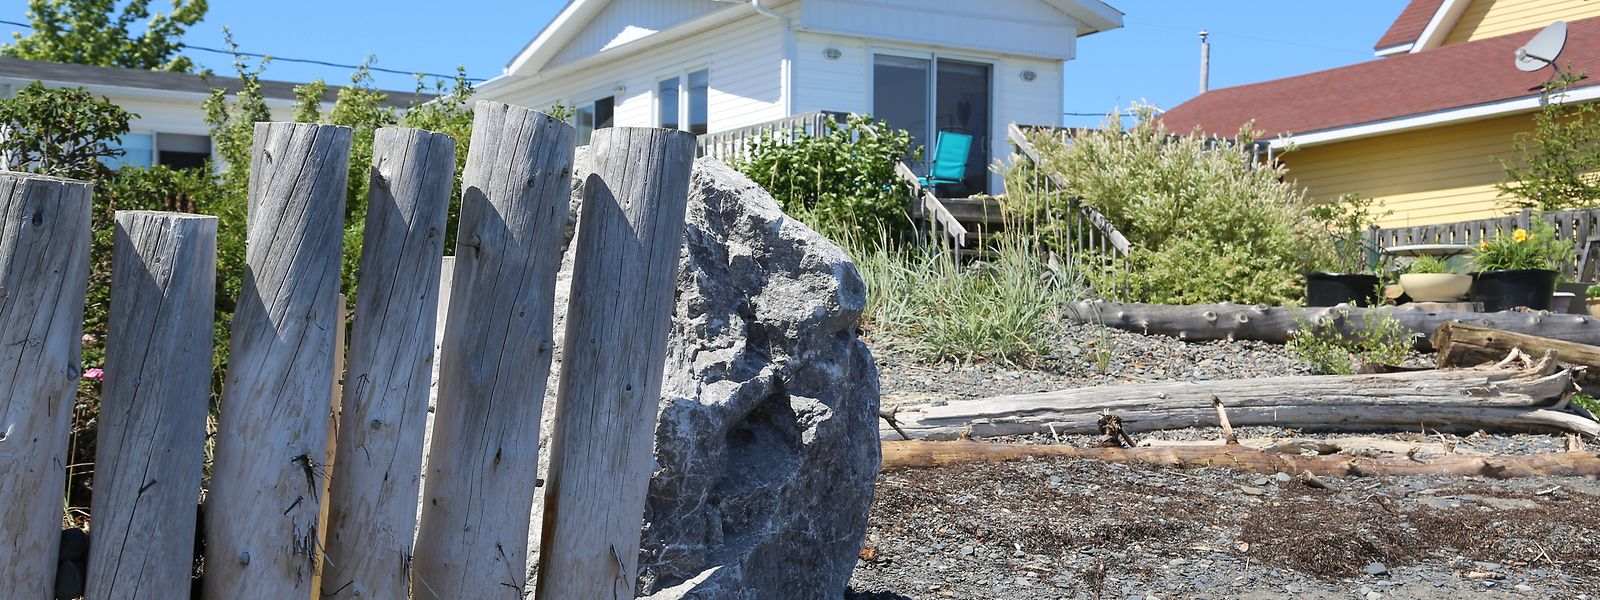 La maison de Monique s'est fait emporter sa clôture trois fois, depuis sa propriétaire n'en a pas reconstruit.